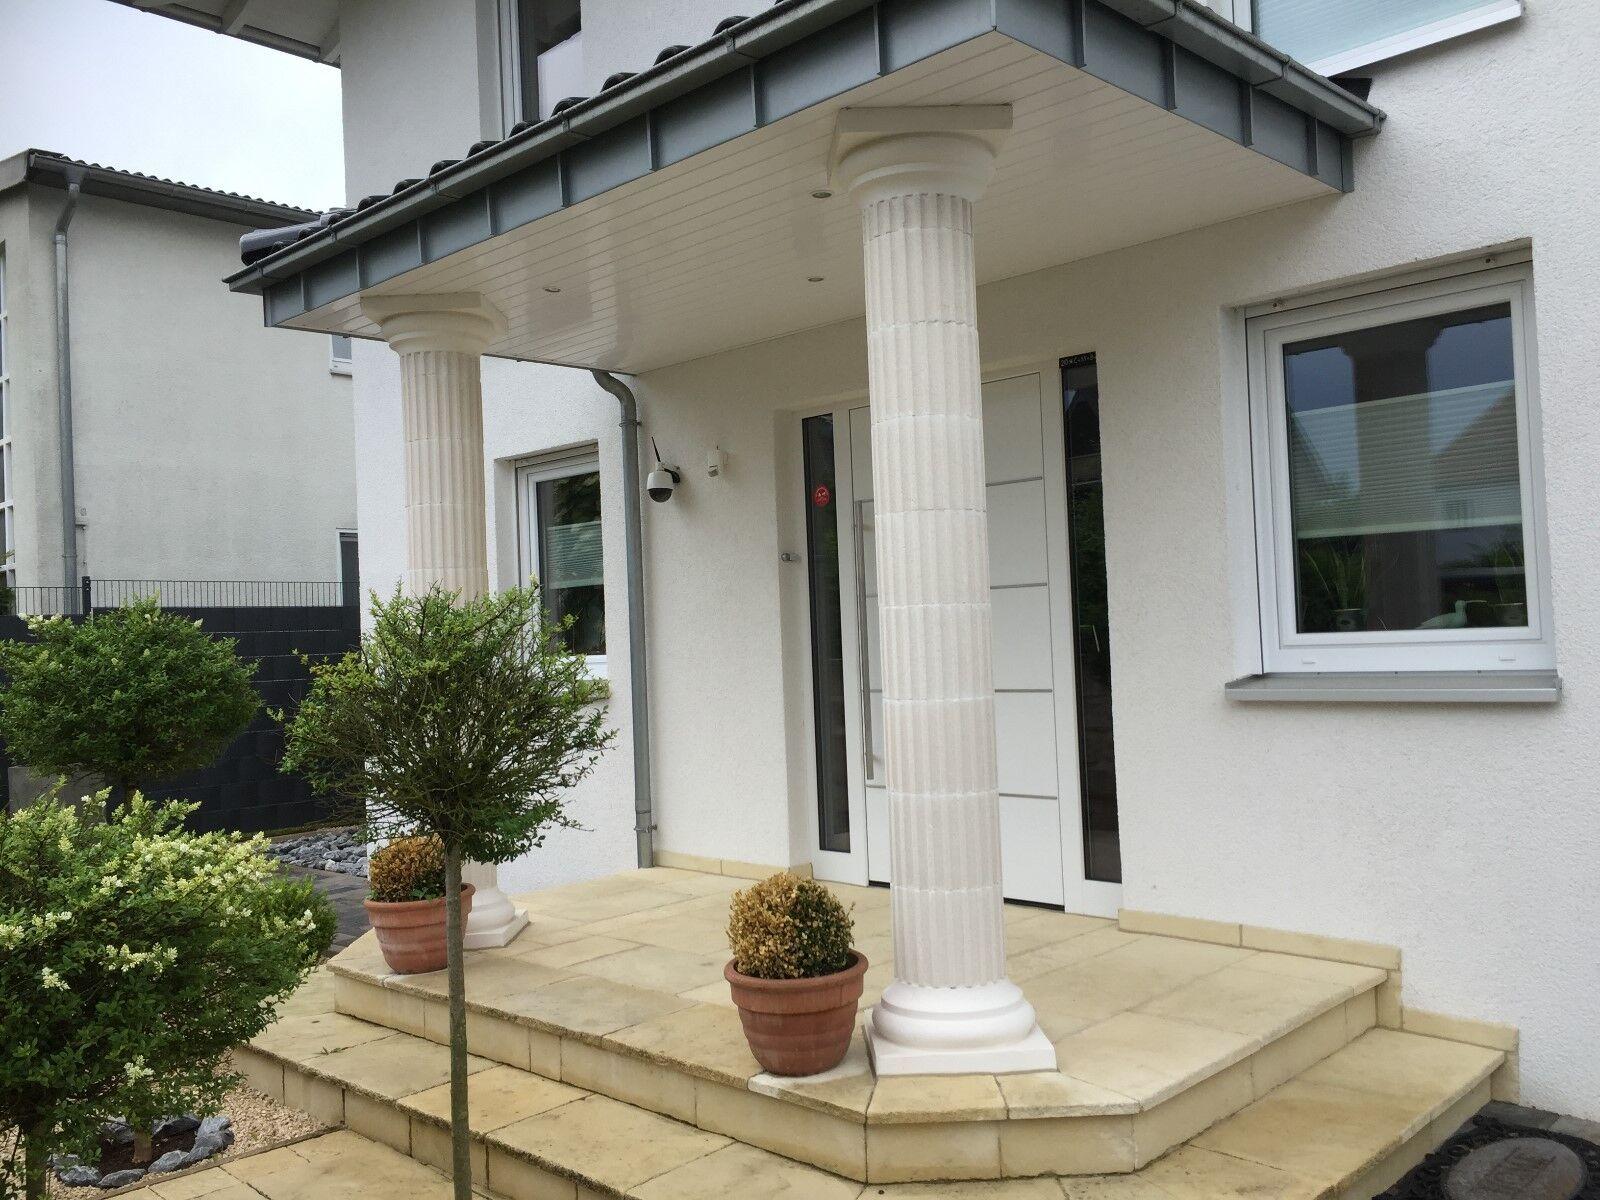 Geländer Balustraden Balkongeländer Balustrade Baluster Säulen Terrassengeländer